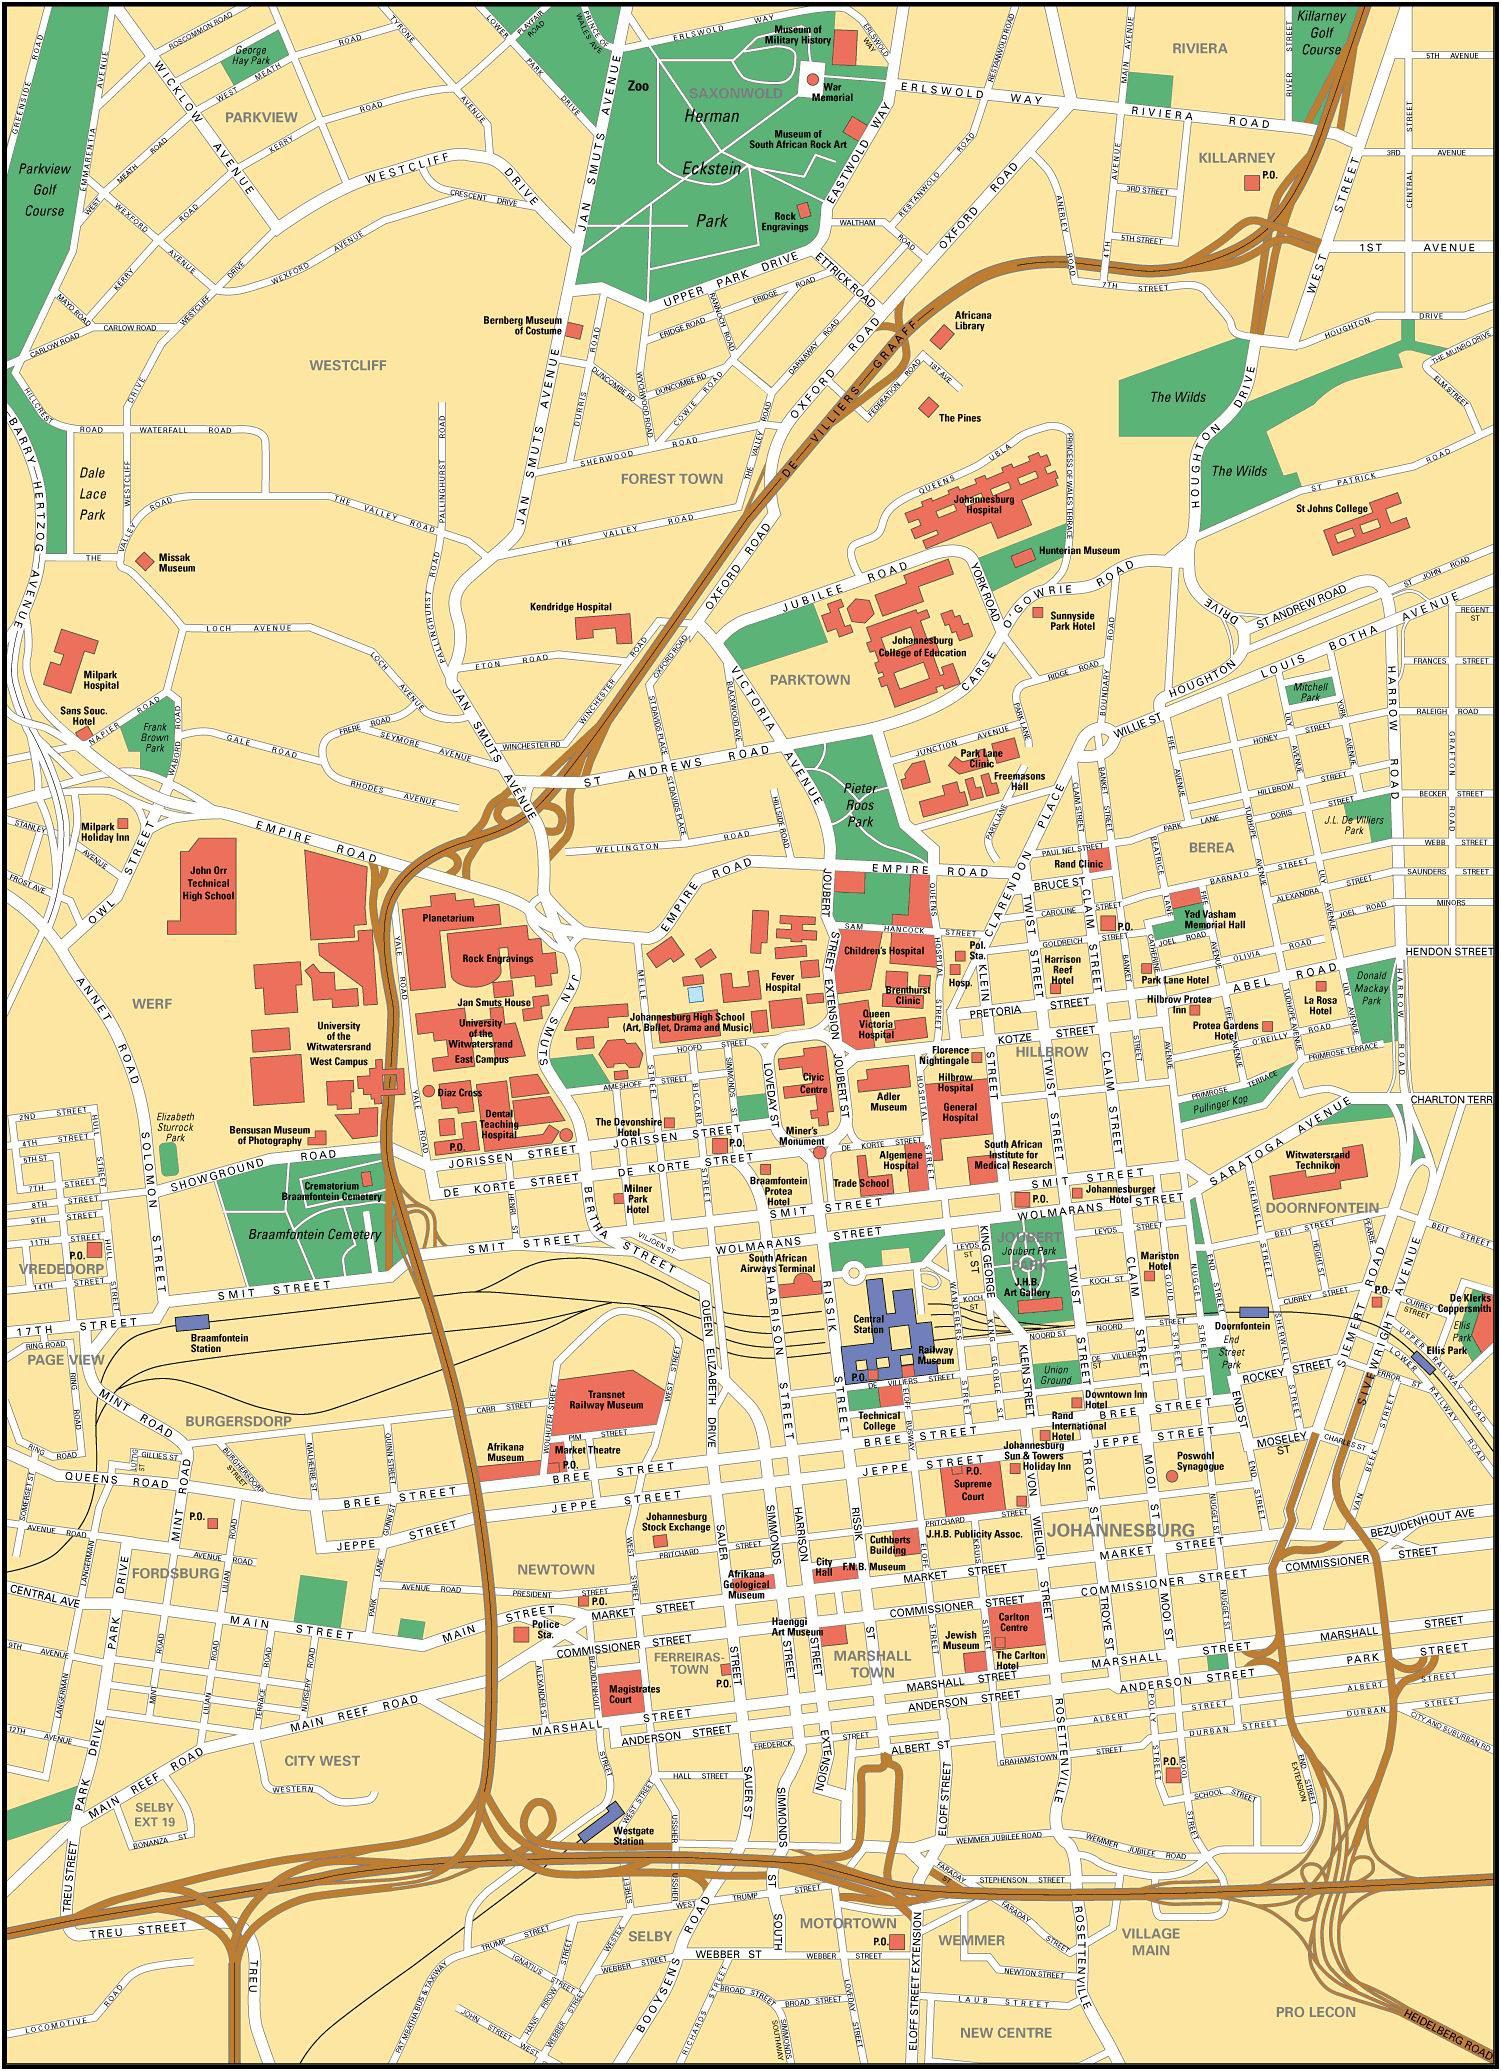 Карта мира фото со спутника онлайн - ad98d